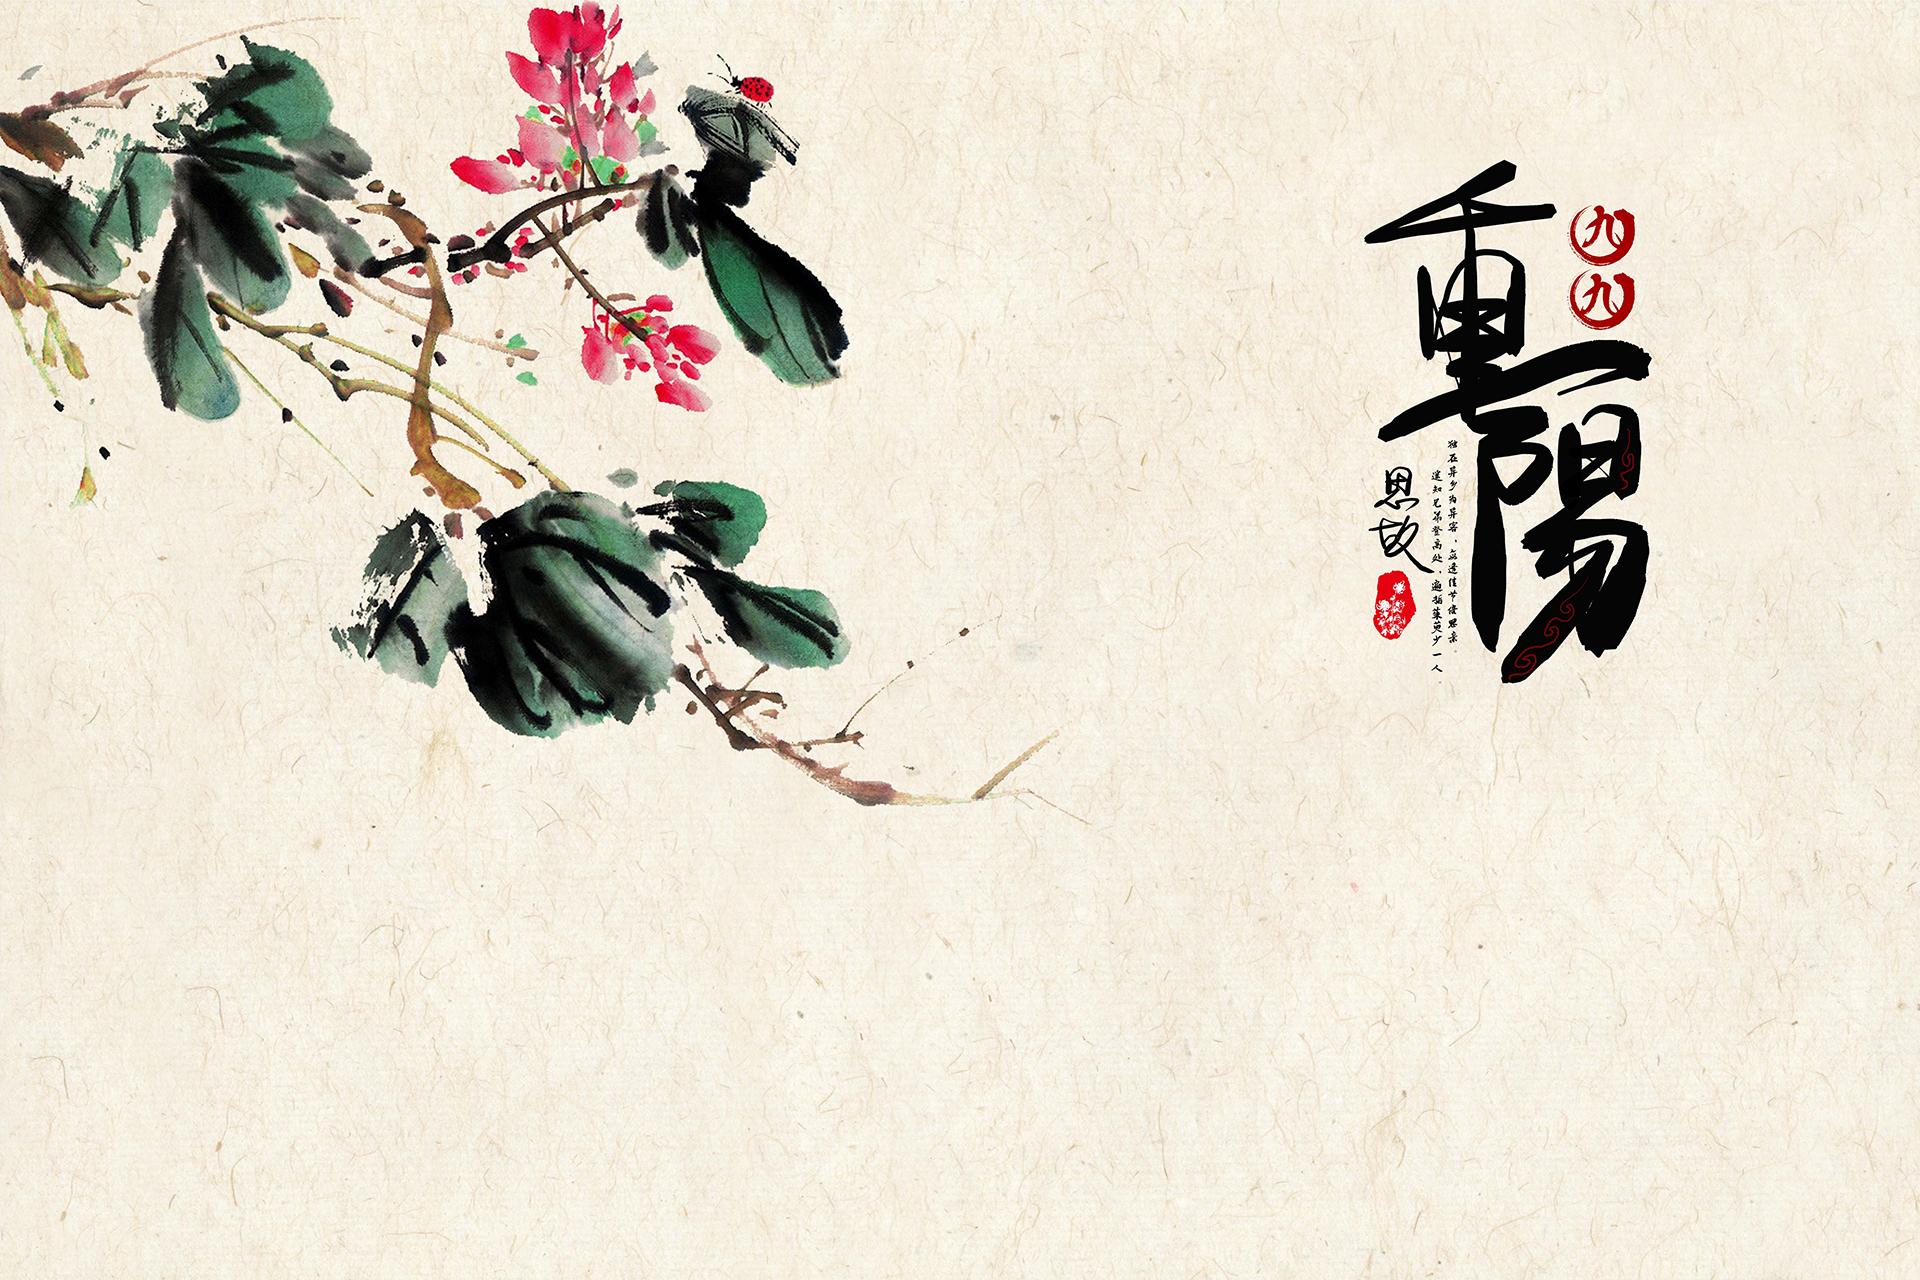 今日重阳节,送给亲人的重阳节微信祝福语大全